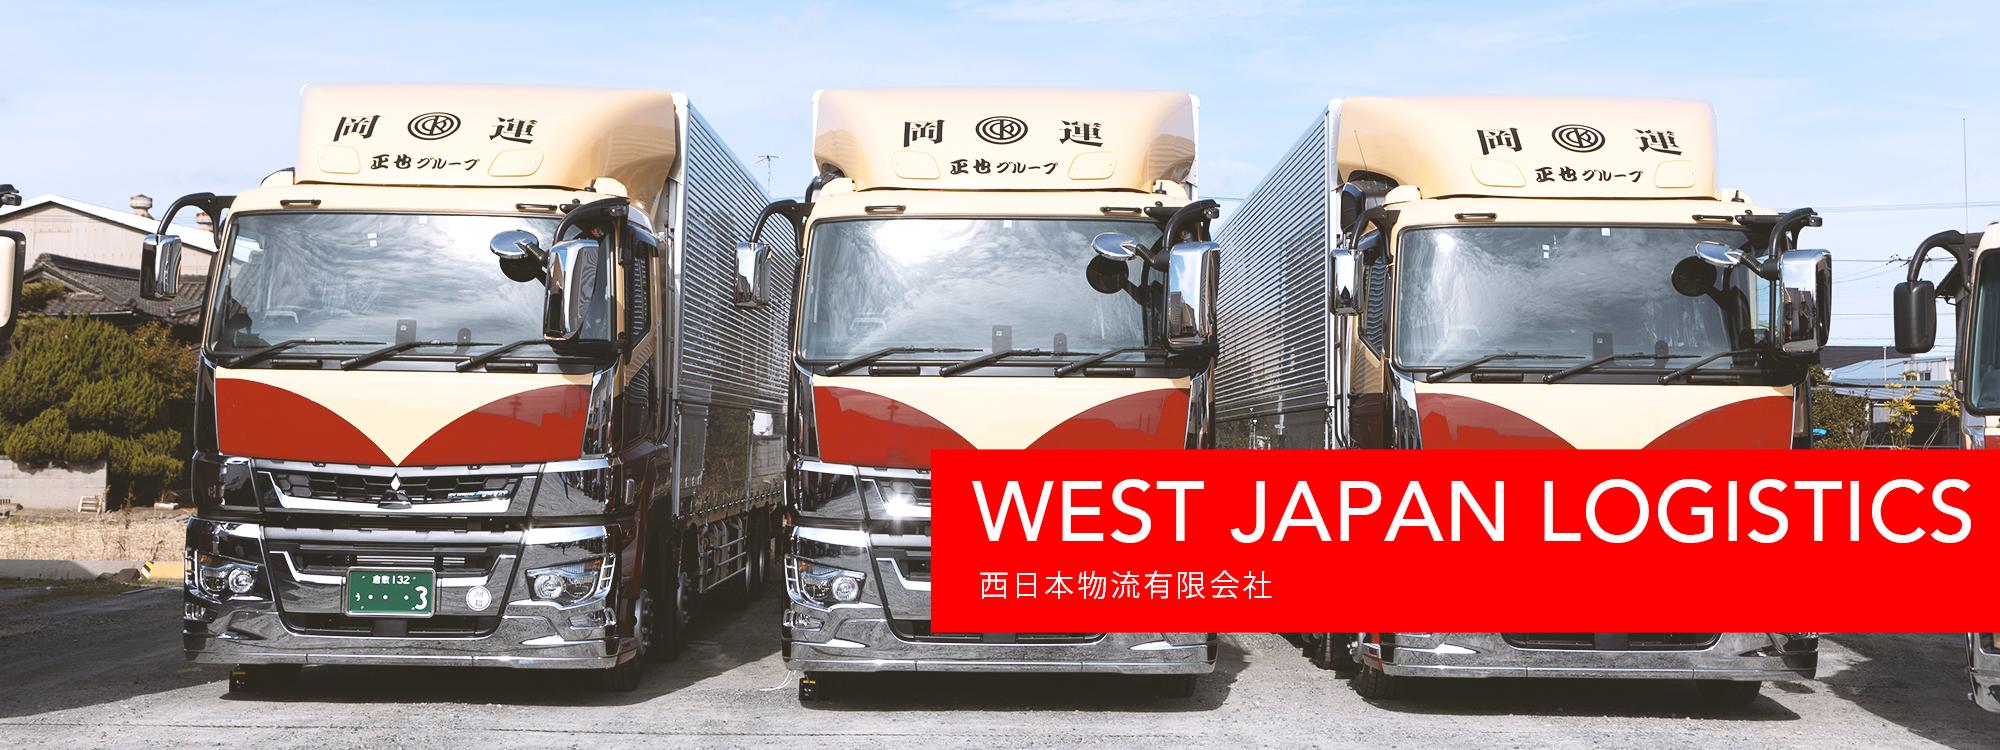 西日本物流有限会社